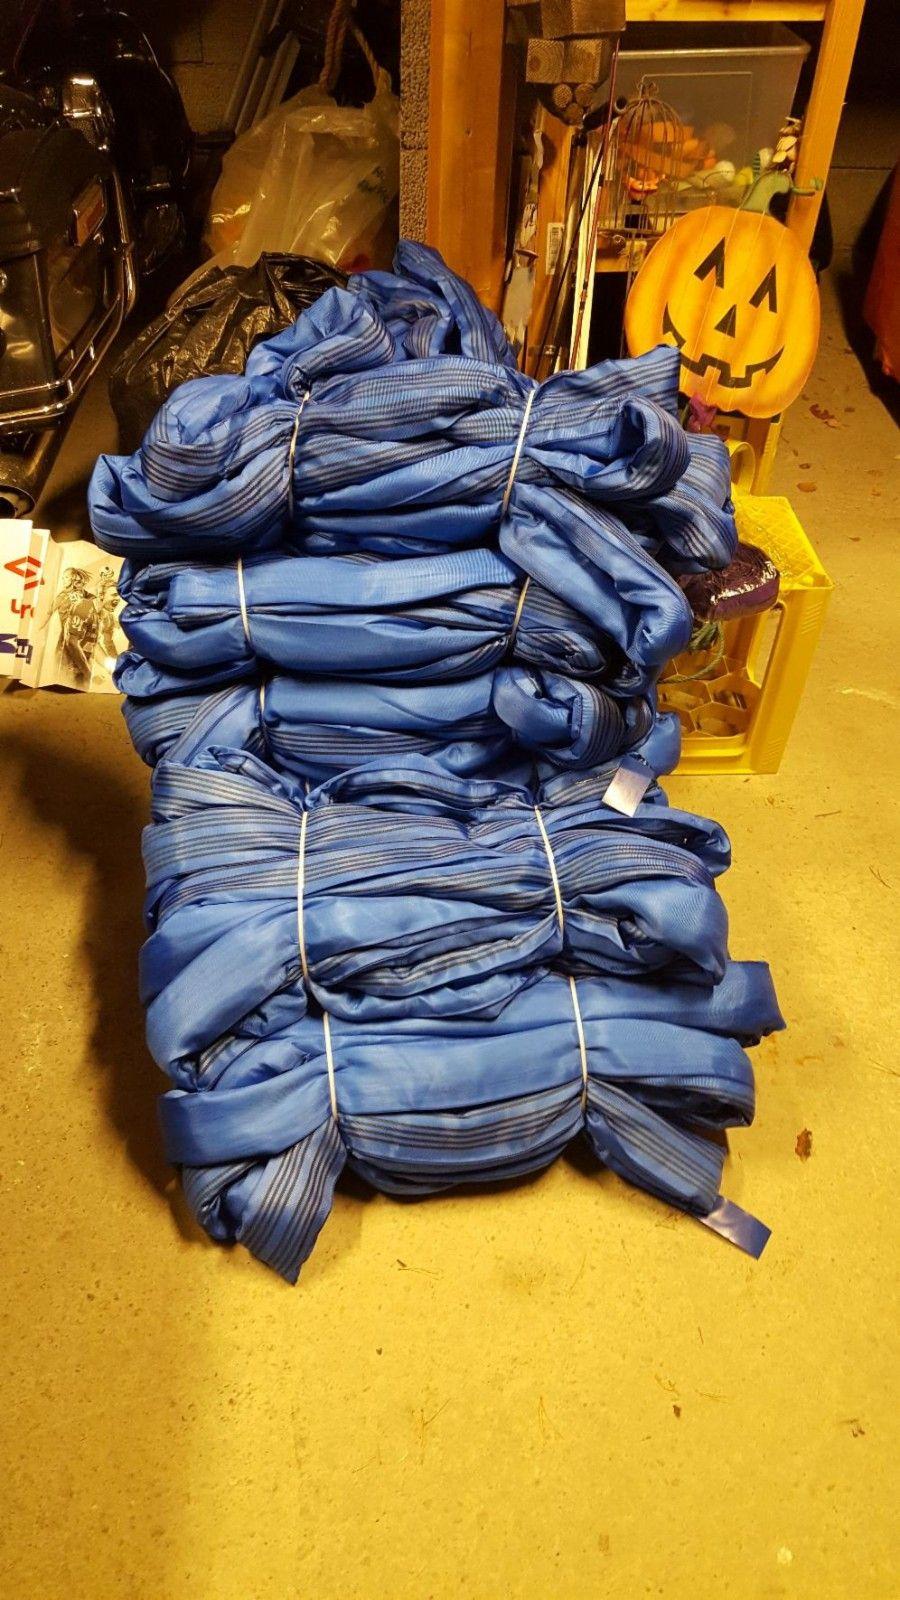 Rundsling 8 tonn 24/12 meter - Hommelvik  - Rundsling/løftestropp sertifisert til 8 tonn. 24 meter/12 meter. Fin for f.eks båtløft og andre myke løft. Har 10 stk, 7 helt ubrukte og 3 som har hatt 2 løft.  300,- per stk eller 2500,- for alle 10 samlet. - Hommelvik